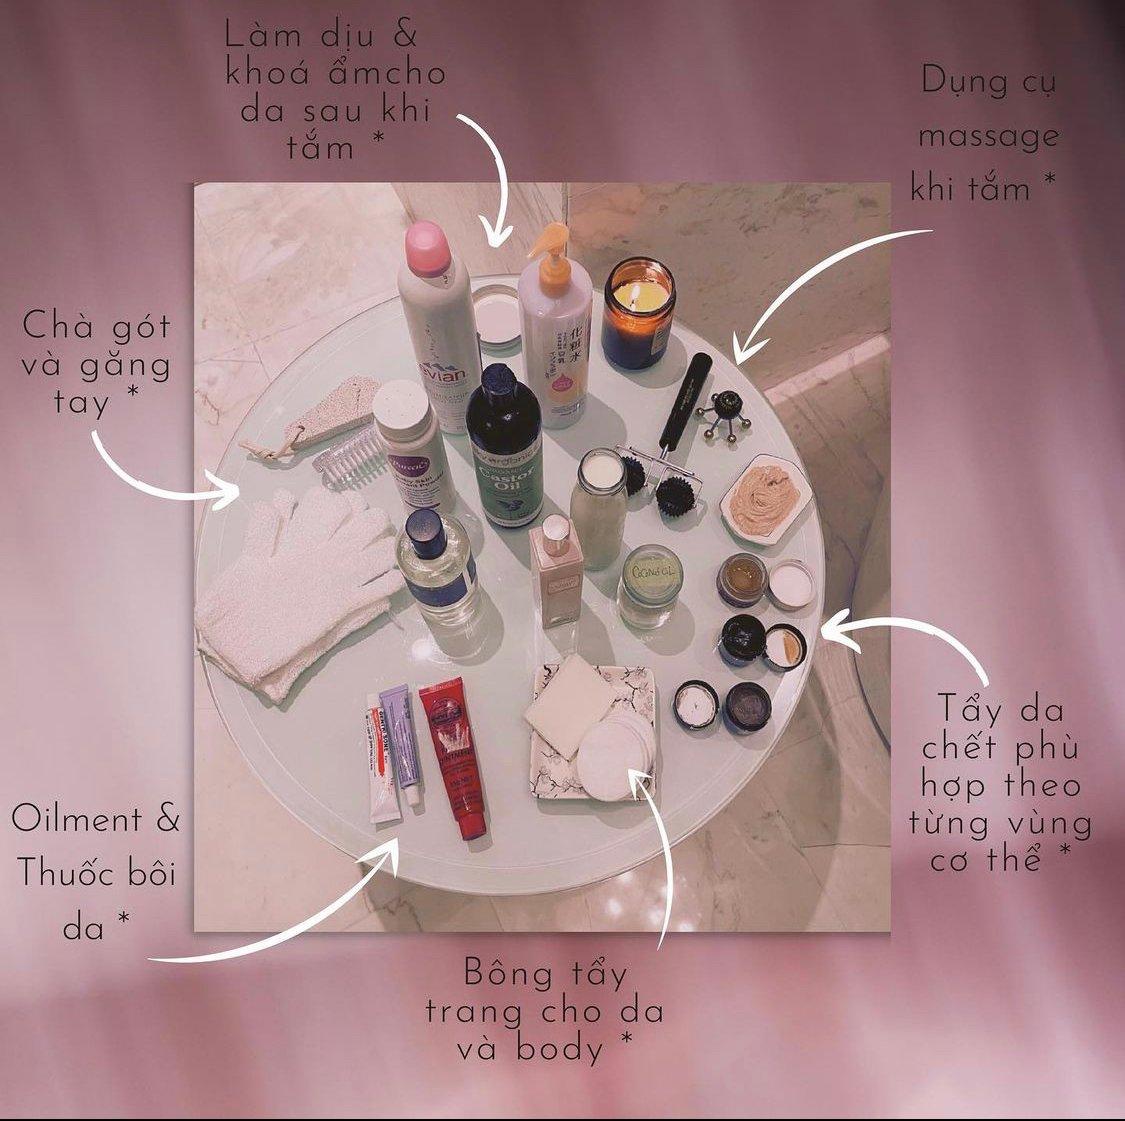 Các sản phẩm chăm sóc da buổi tối của Linh Rin. Ảnh: Instagram Linh Rin